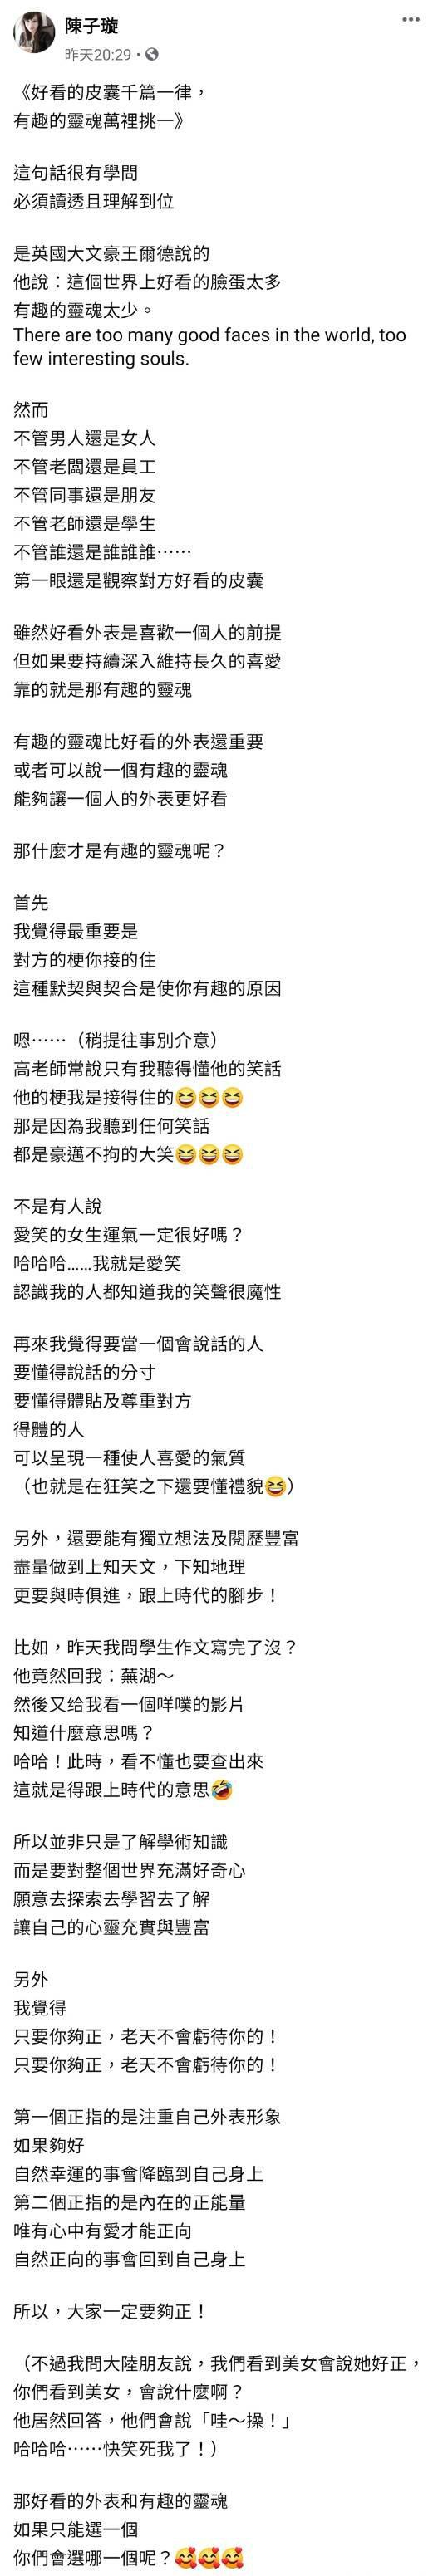 陳子璇再次回憶起與高國華的點點滴滴。圖/擷自臉書